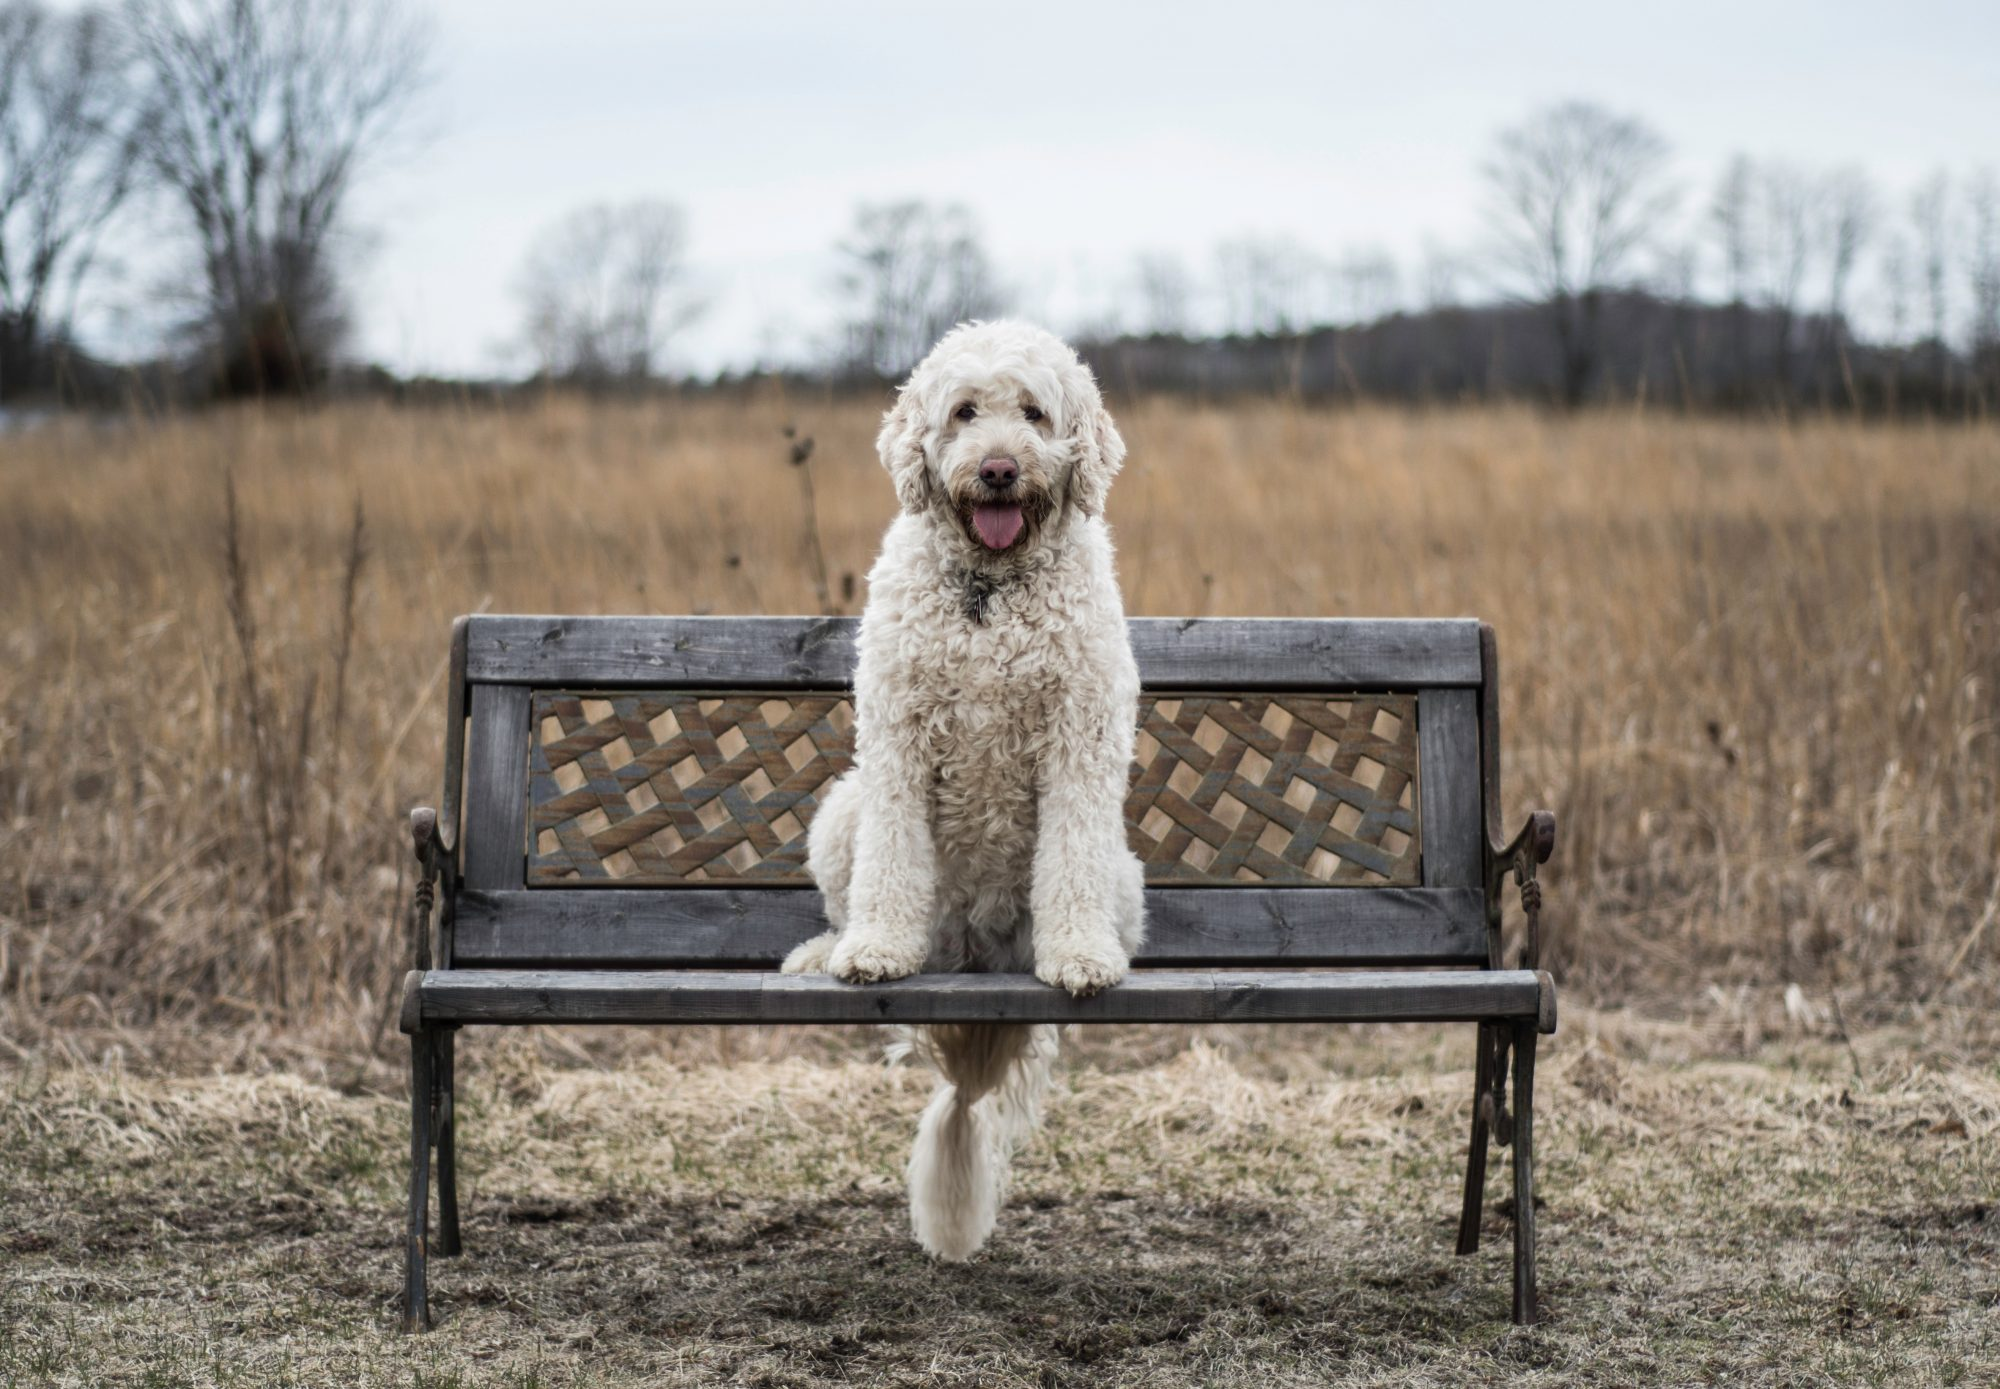 off leash dog parks in bend - park bench